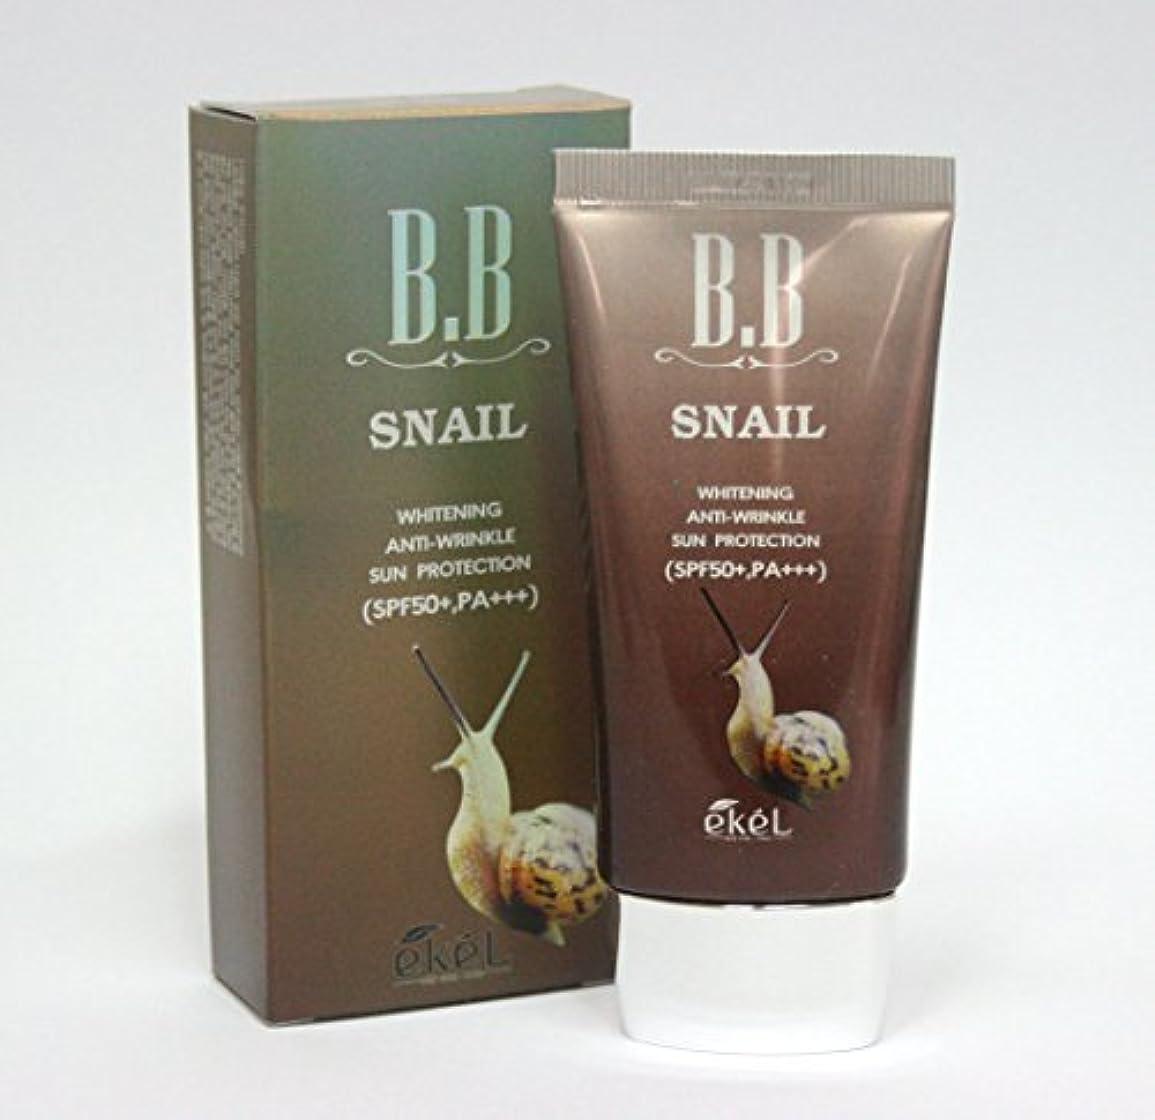 欠席巨人手つかずの[Ekel] カタツムリBBクリーム50ml / ホワイトニング , SPF50 + PA +++ / 韓国化粧品 / Snail BB Cream 50ml / Whitening, SPF50+ PA+++ / Korea...